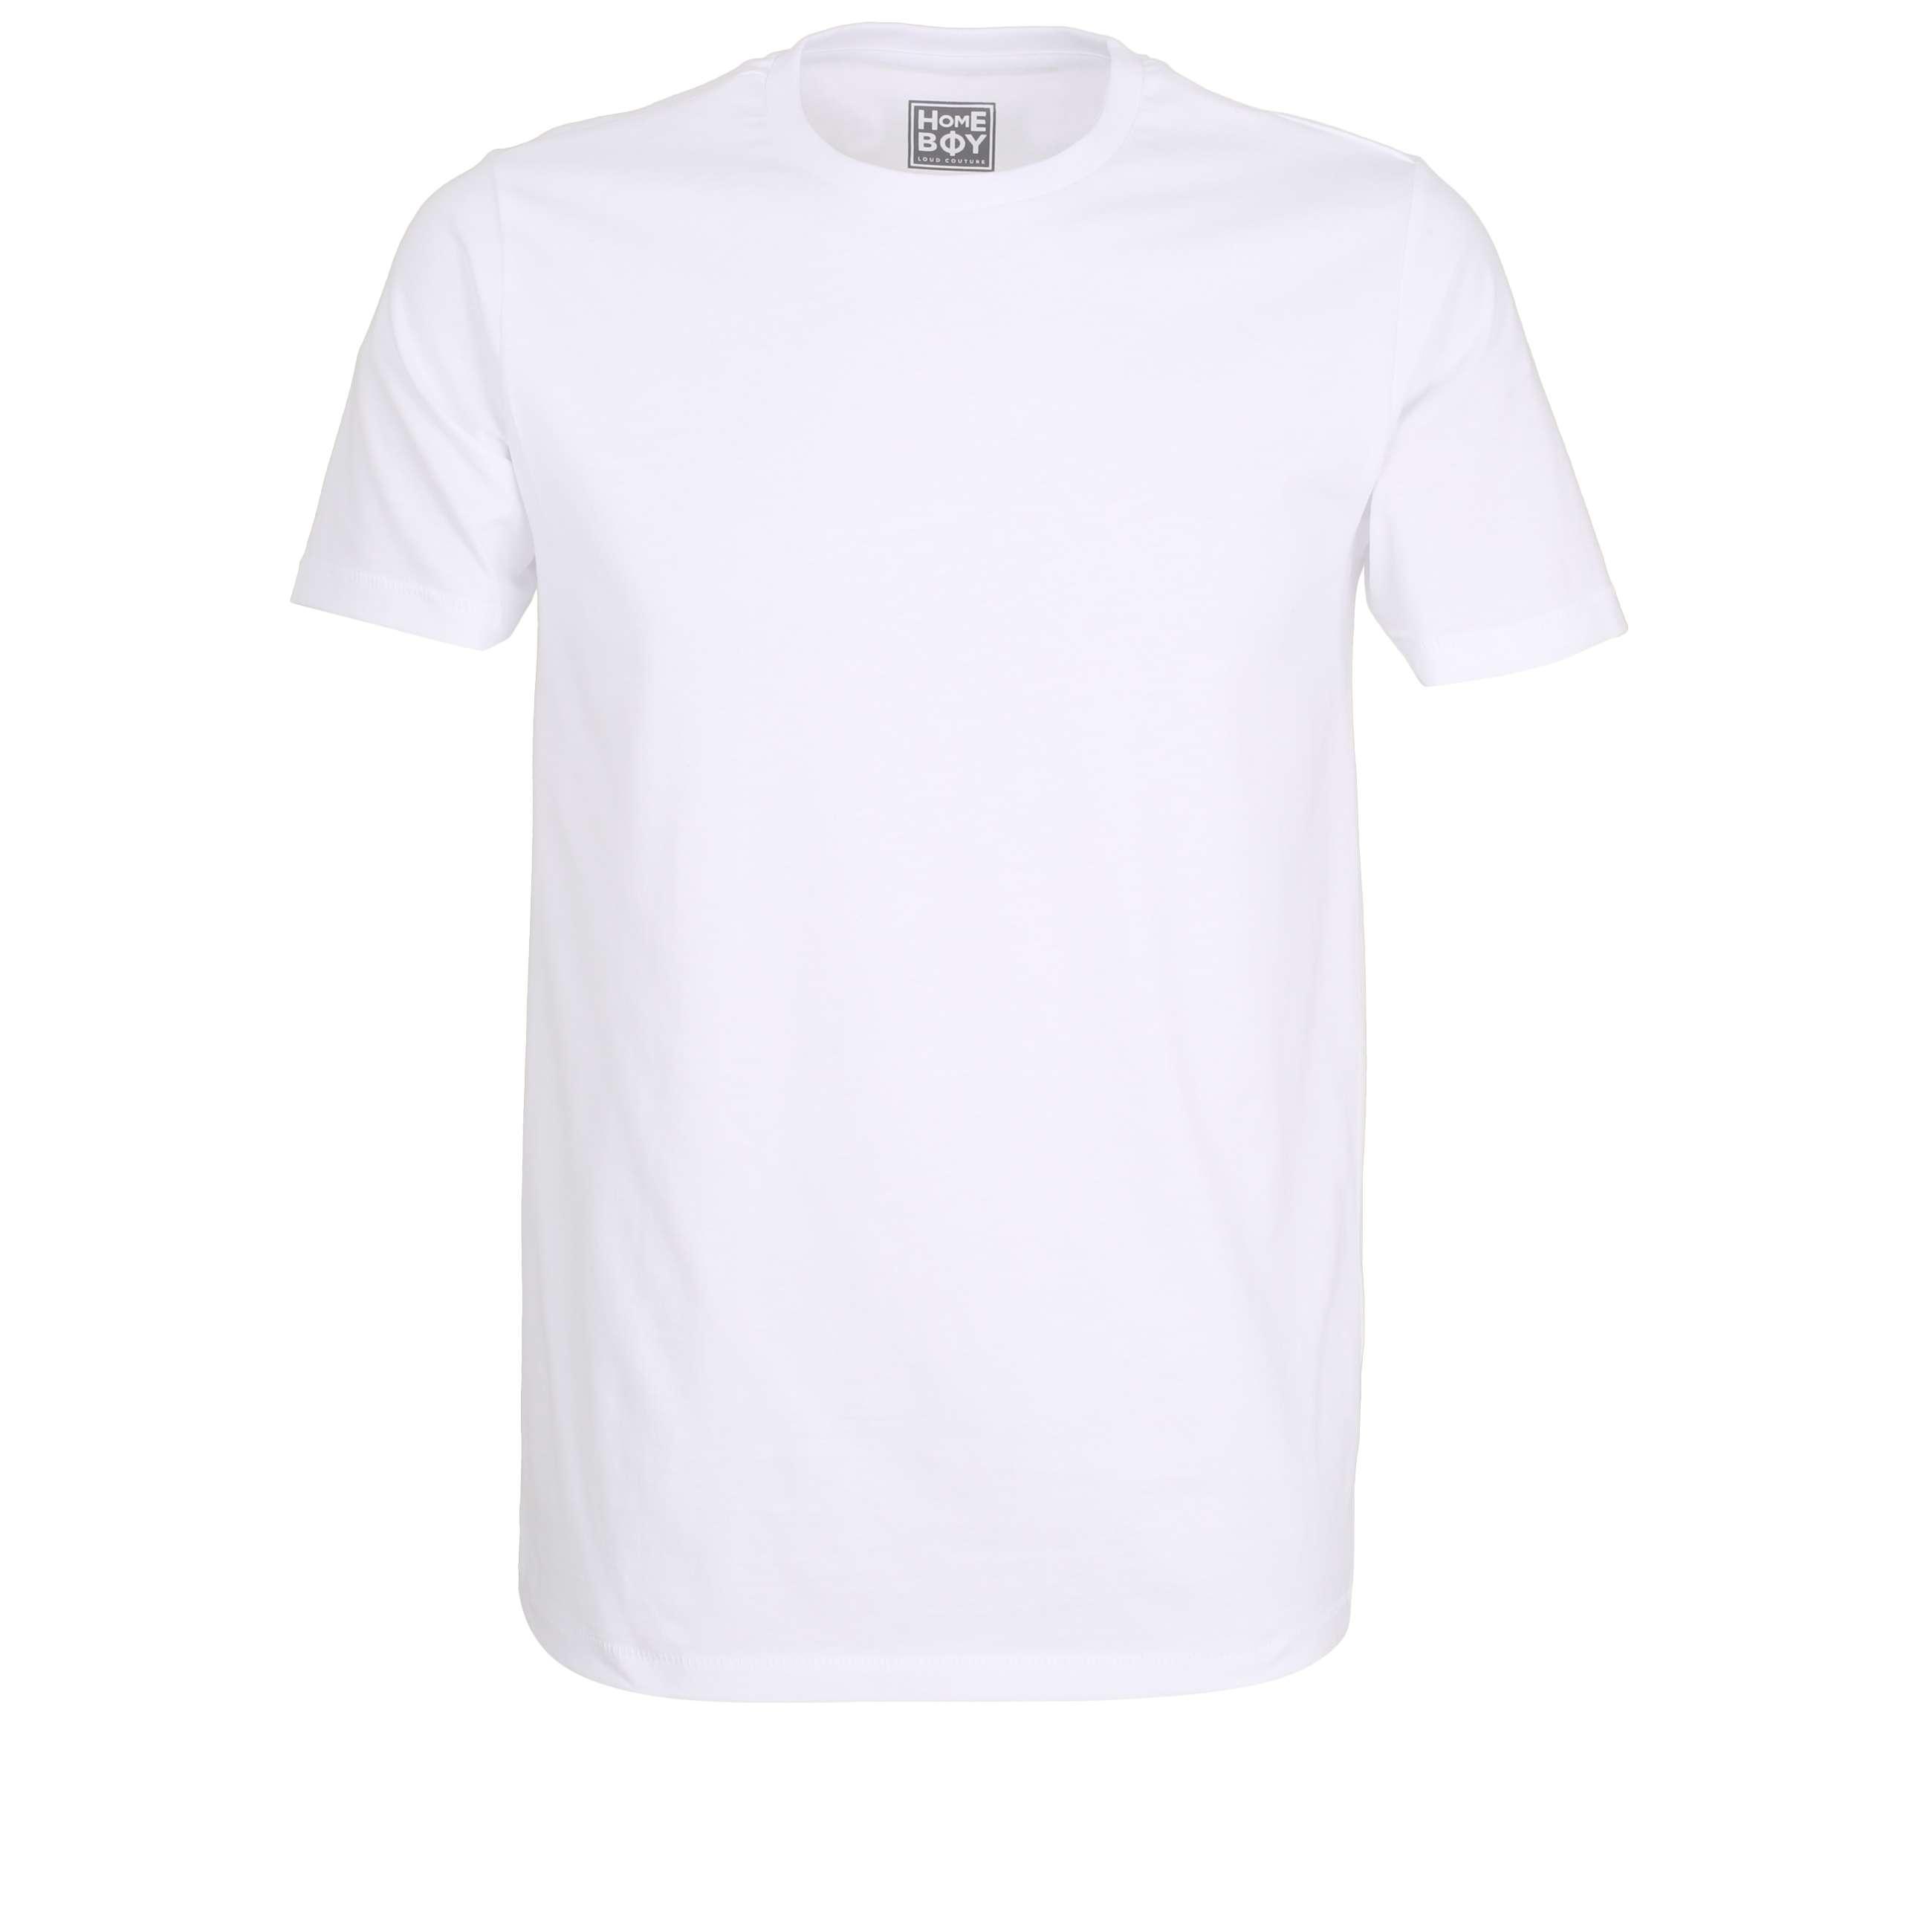 homeboy herren t shirt american shirt uni wei 2er pack. Black Bedroom Furniture Sets. Home Design Ideas